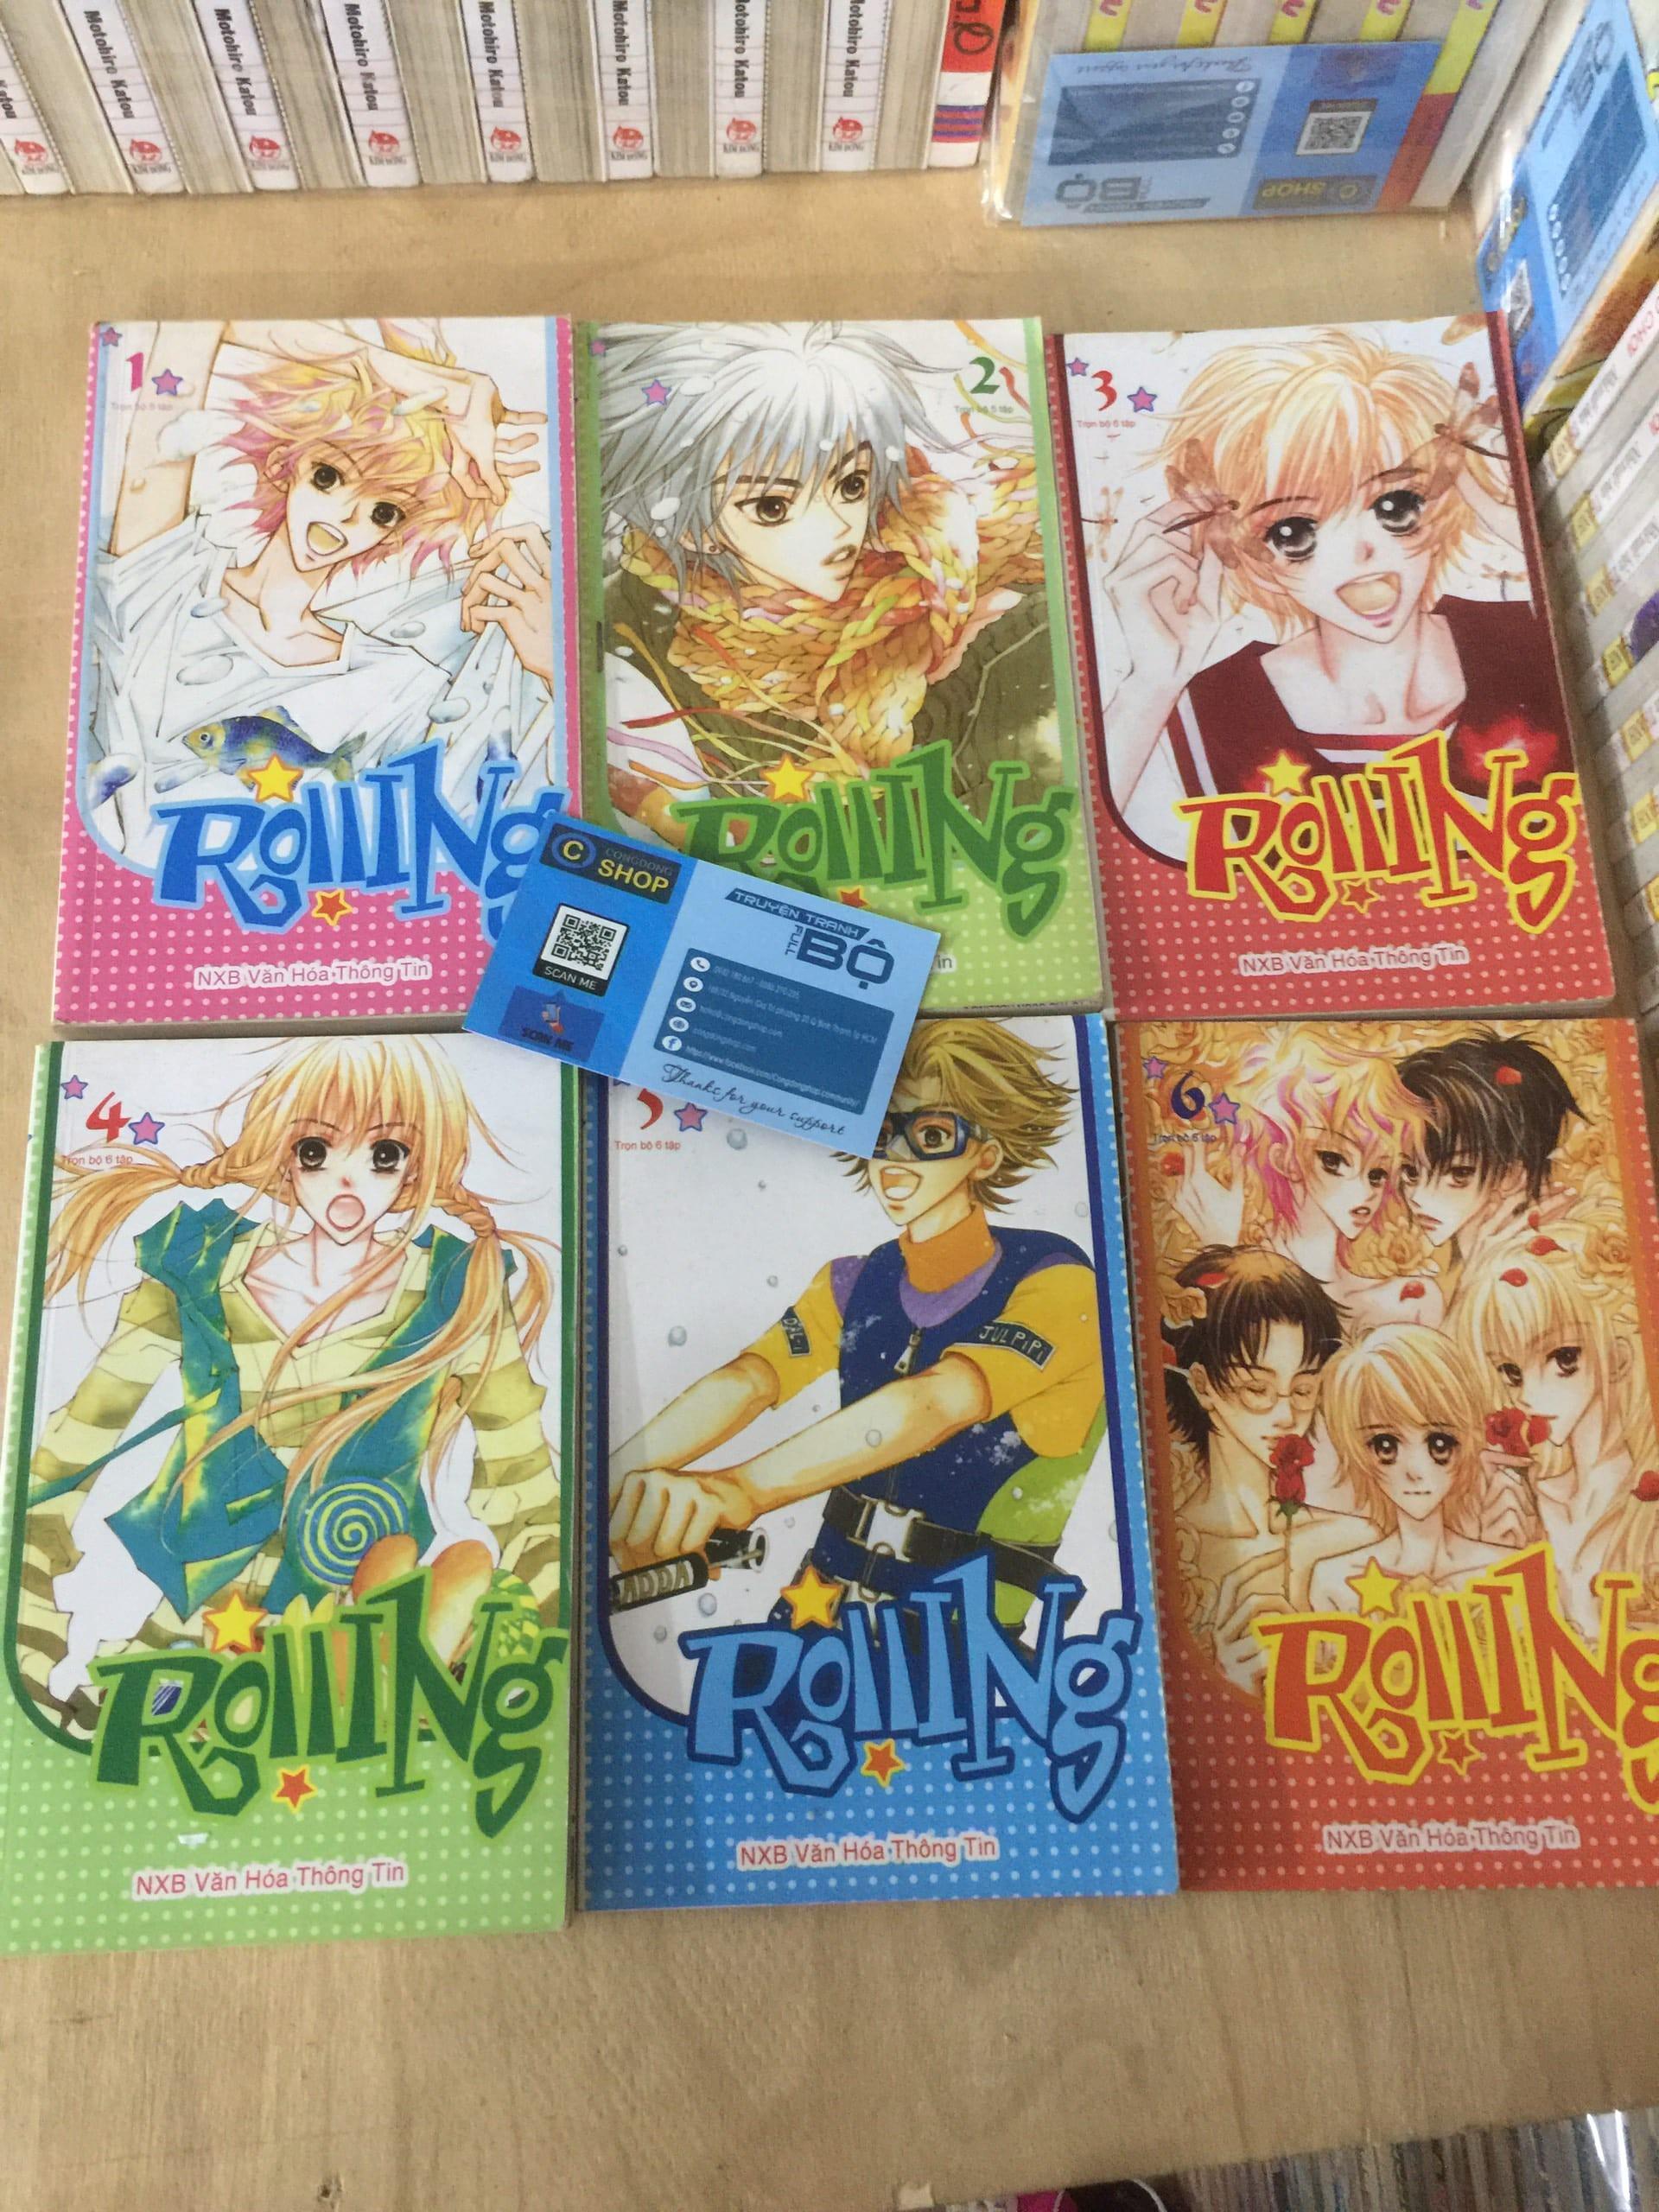 Truyện Rolling Full bộ 6 Tập Giá rẻ   Mua bán truyện tranh đủ bộ, truyện 8x